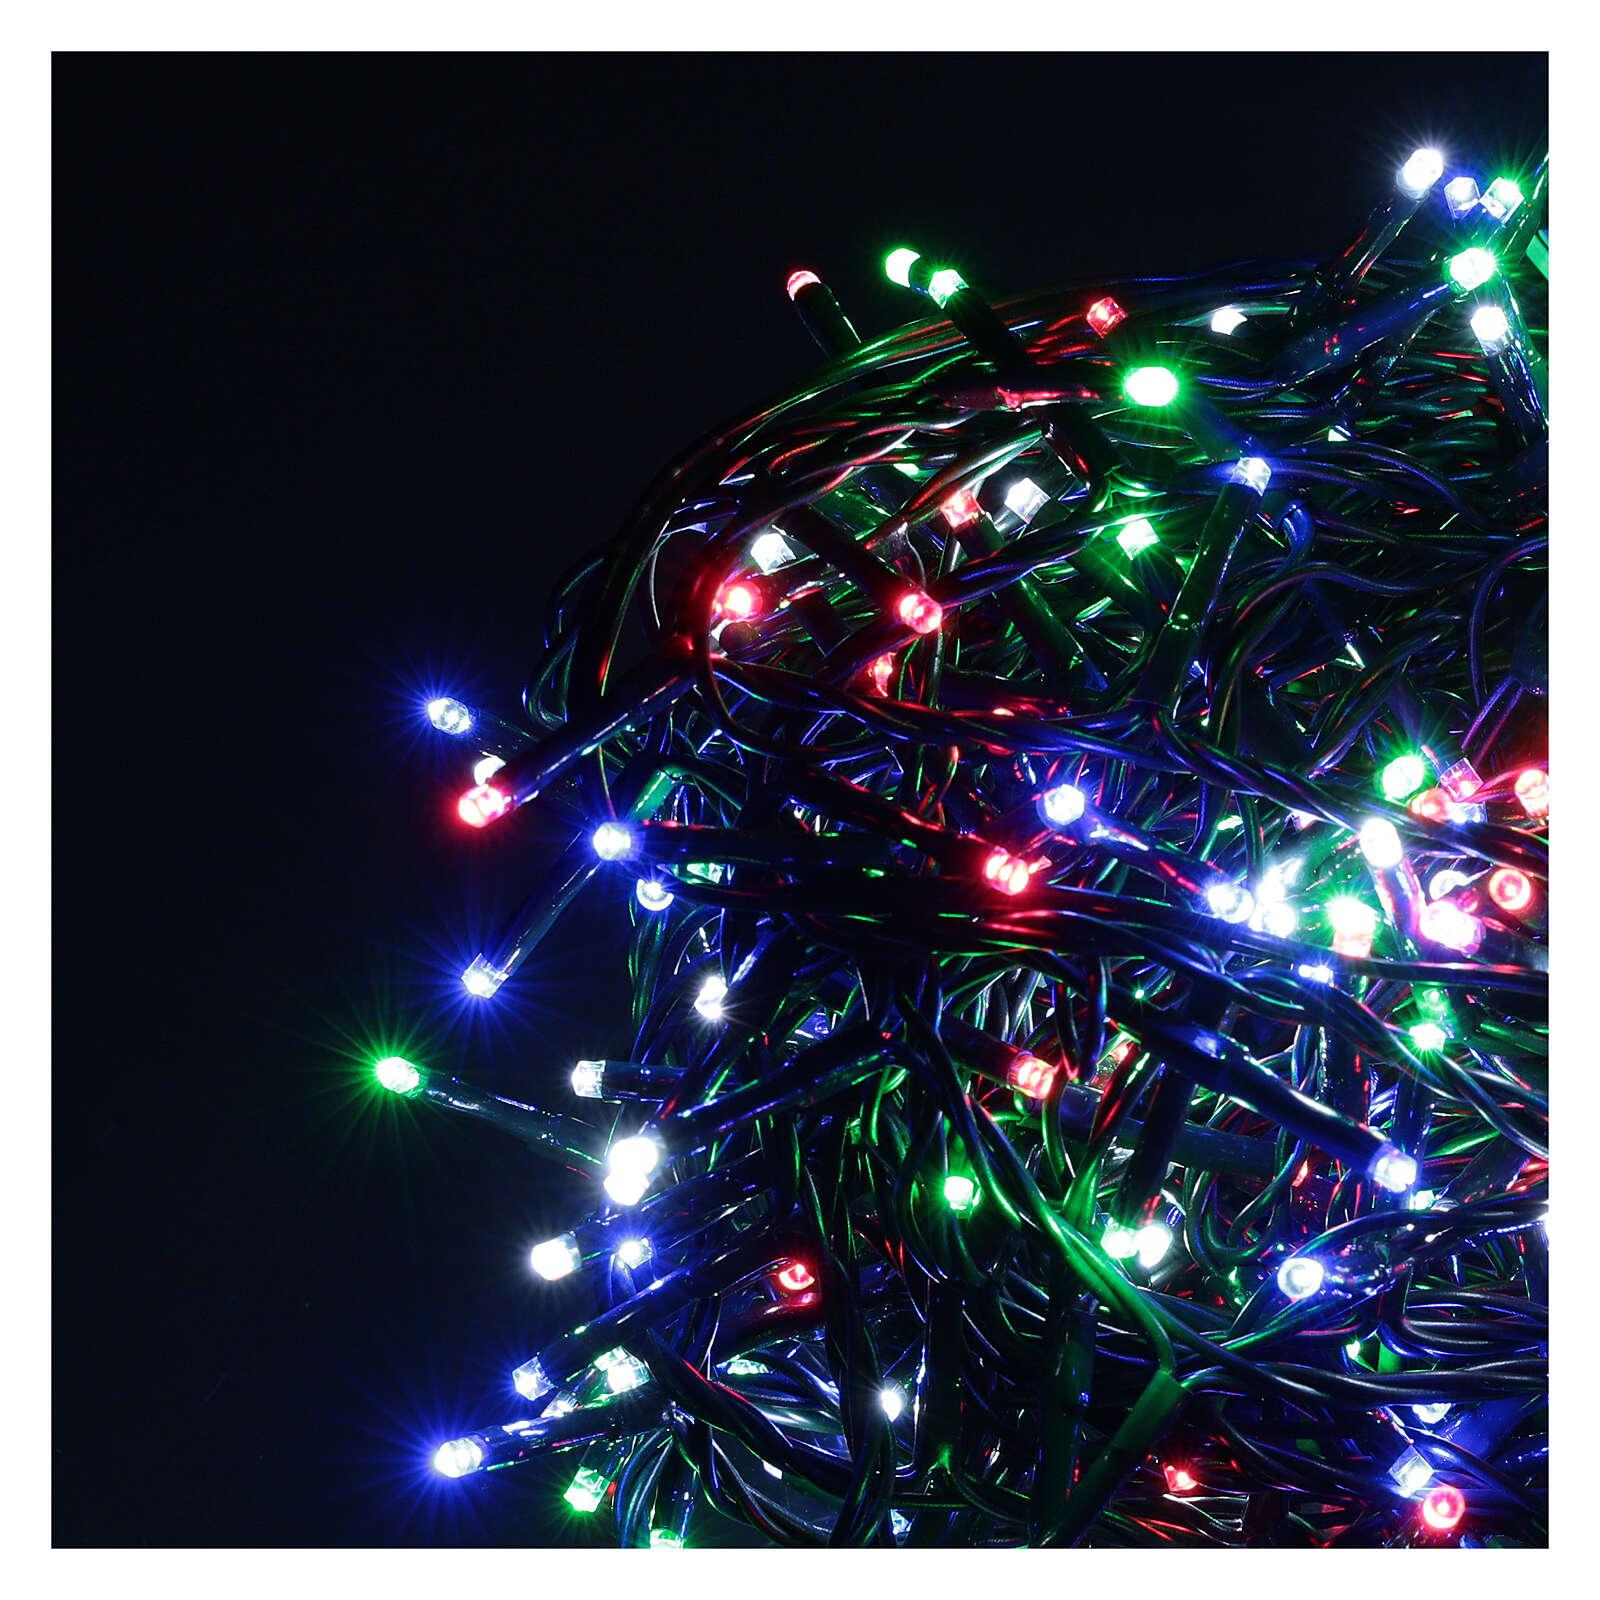 Pisca pisca 500 LED multicores com controle remoto 3